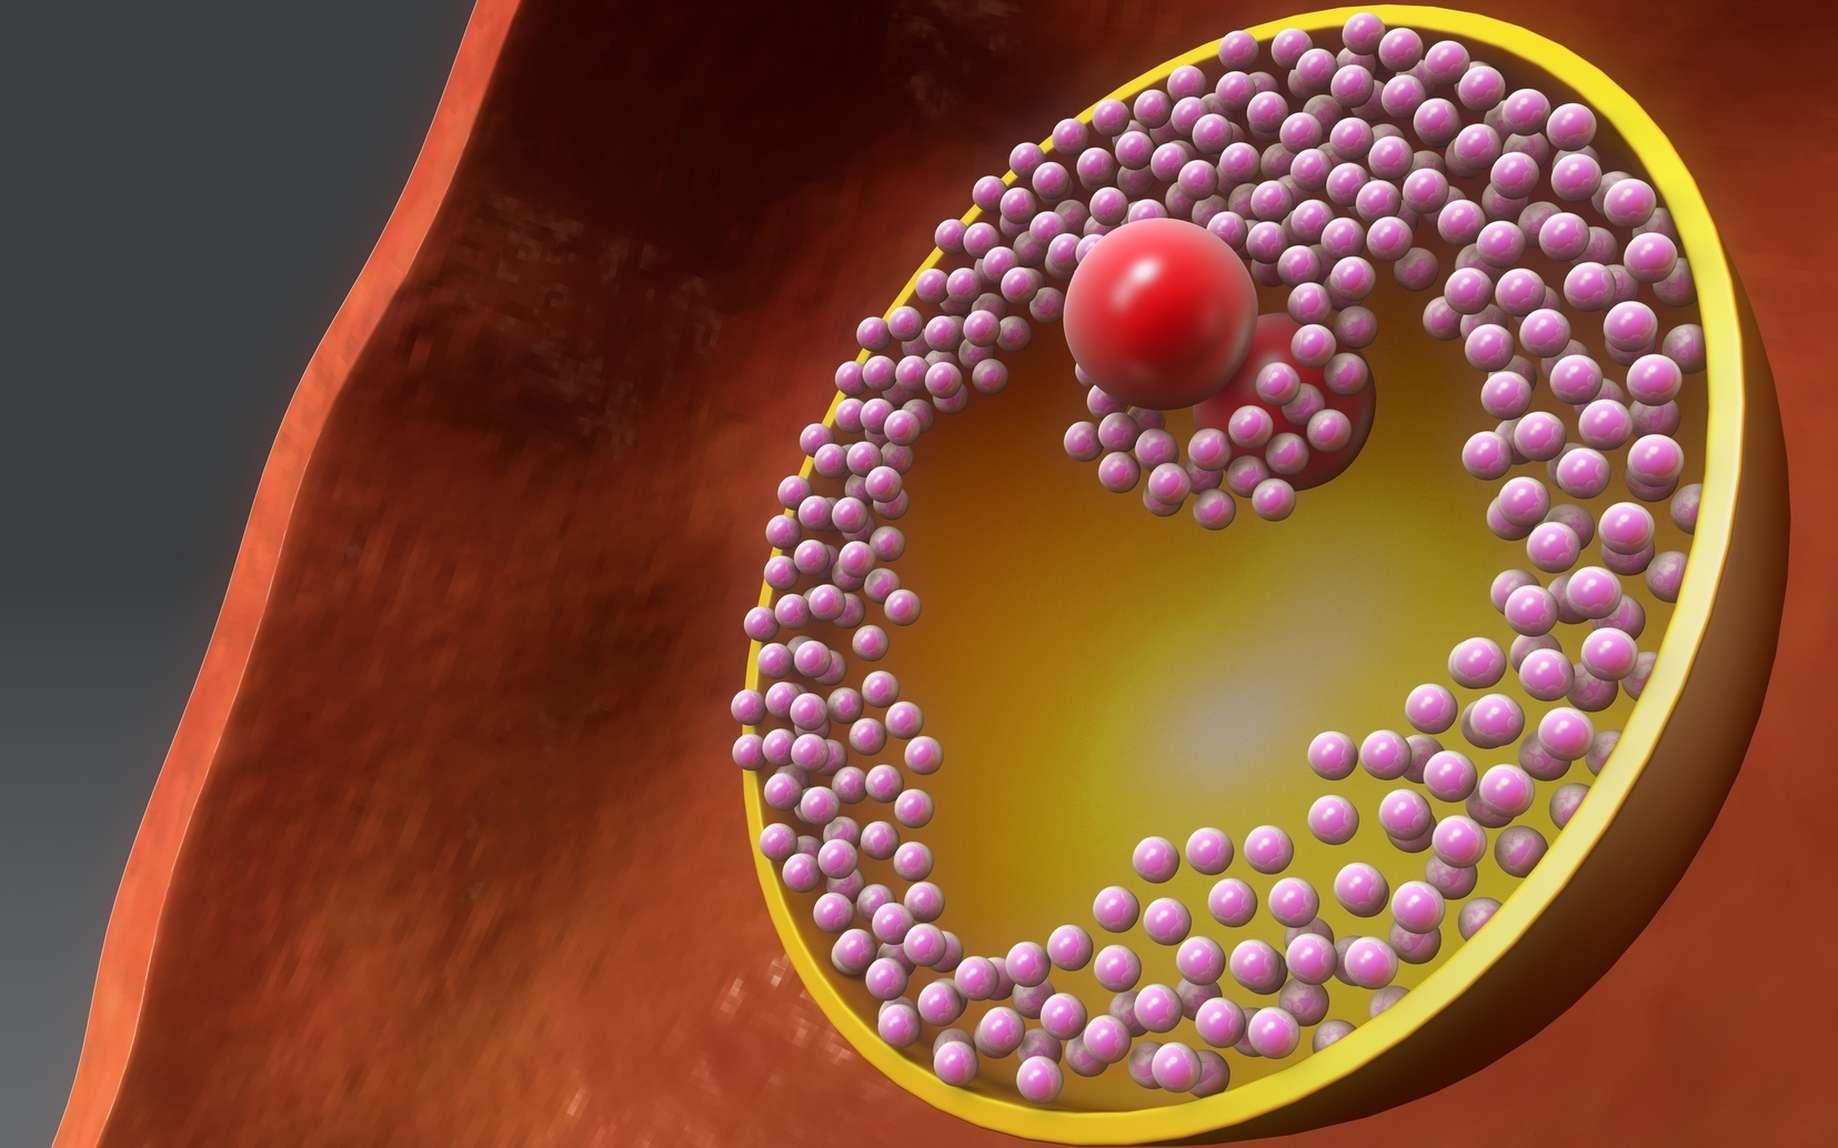 Les cellules de la granulosa sont des cellules folliculaires qui entourent l'ovocyte. © 7activestudio, Fotolia